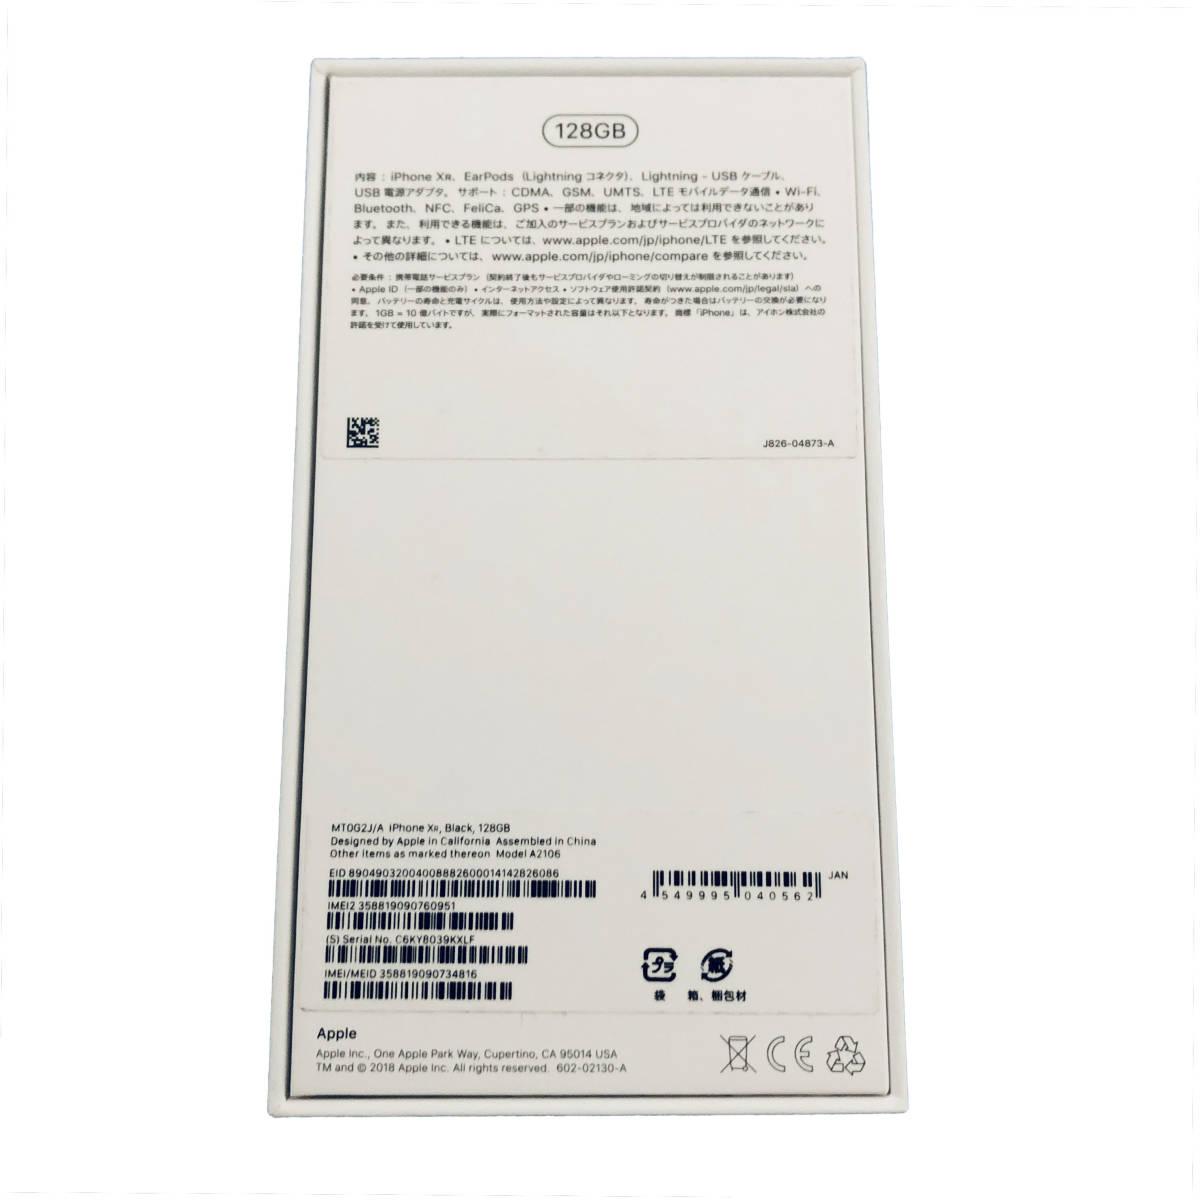 【保証有】iPhone XR 128GB ブラック(BLACK)黒本体 SIMロック解除済 おまけ付 1円~売切 新品未使用 判定○_画像3